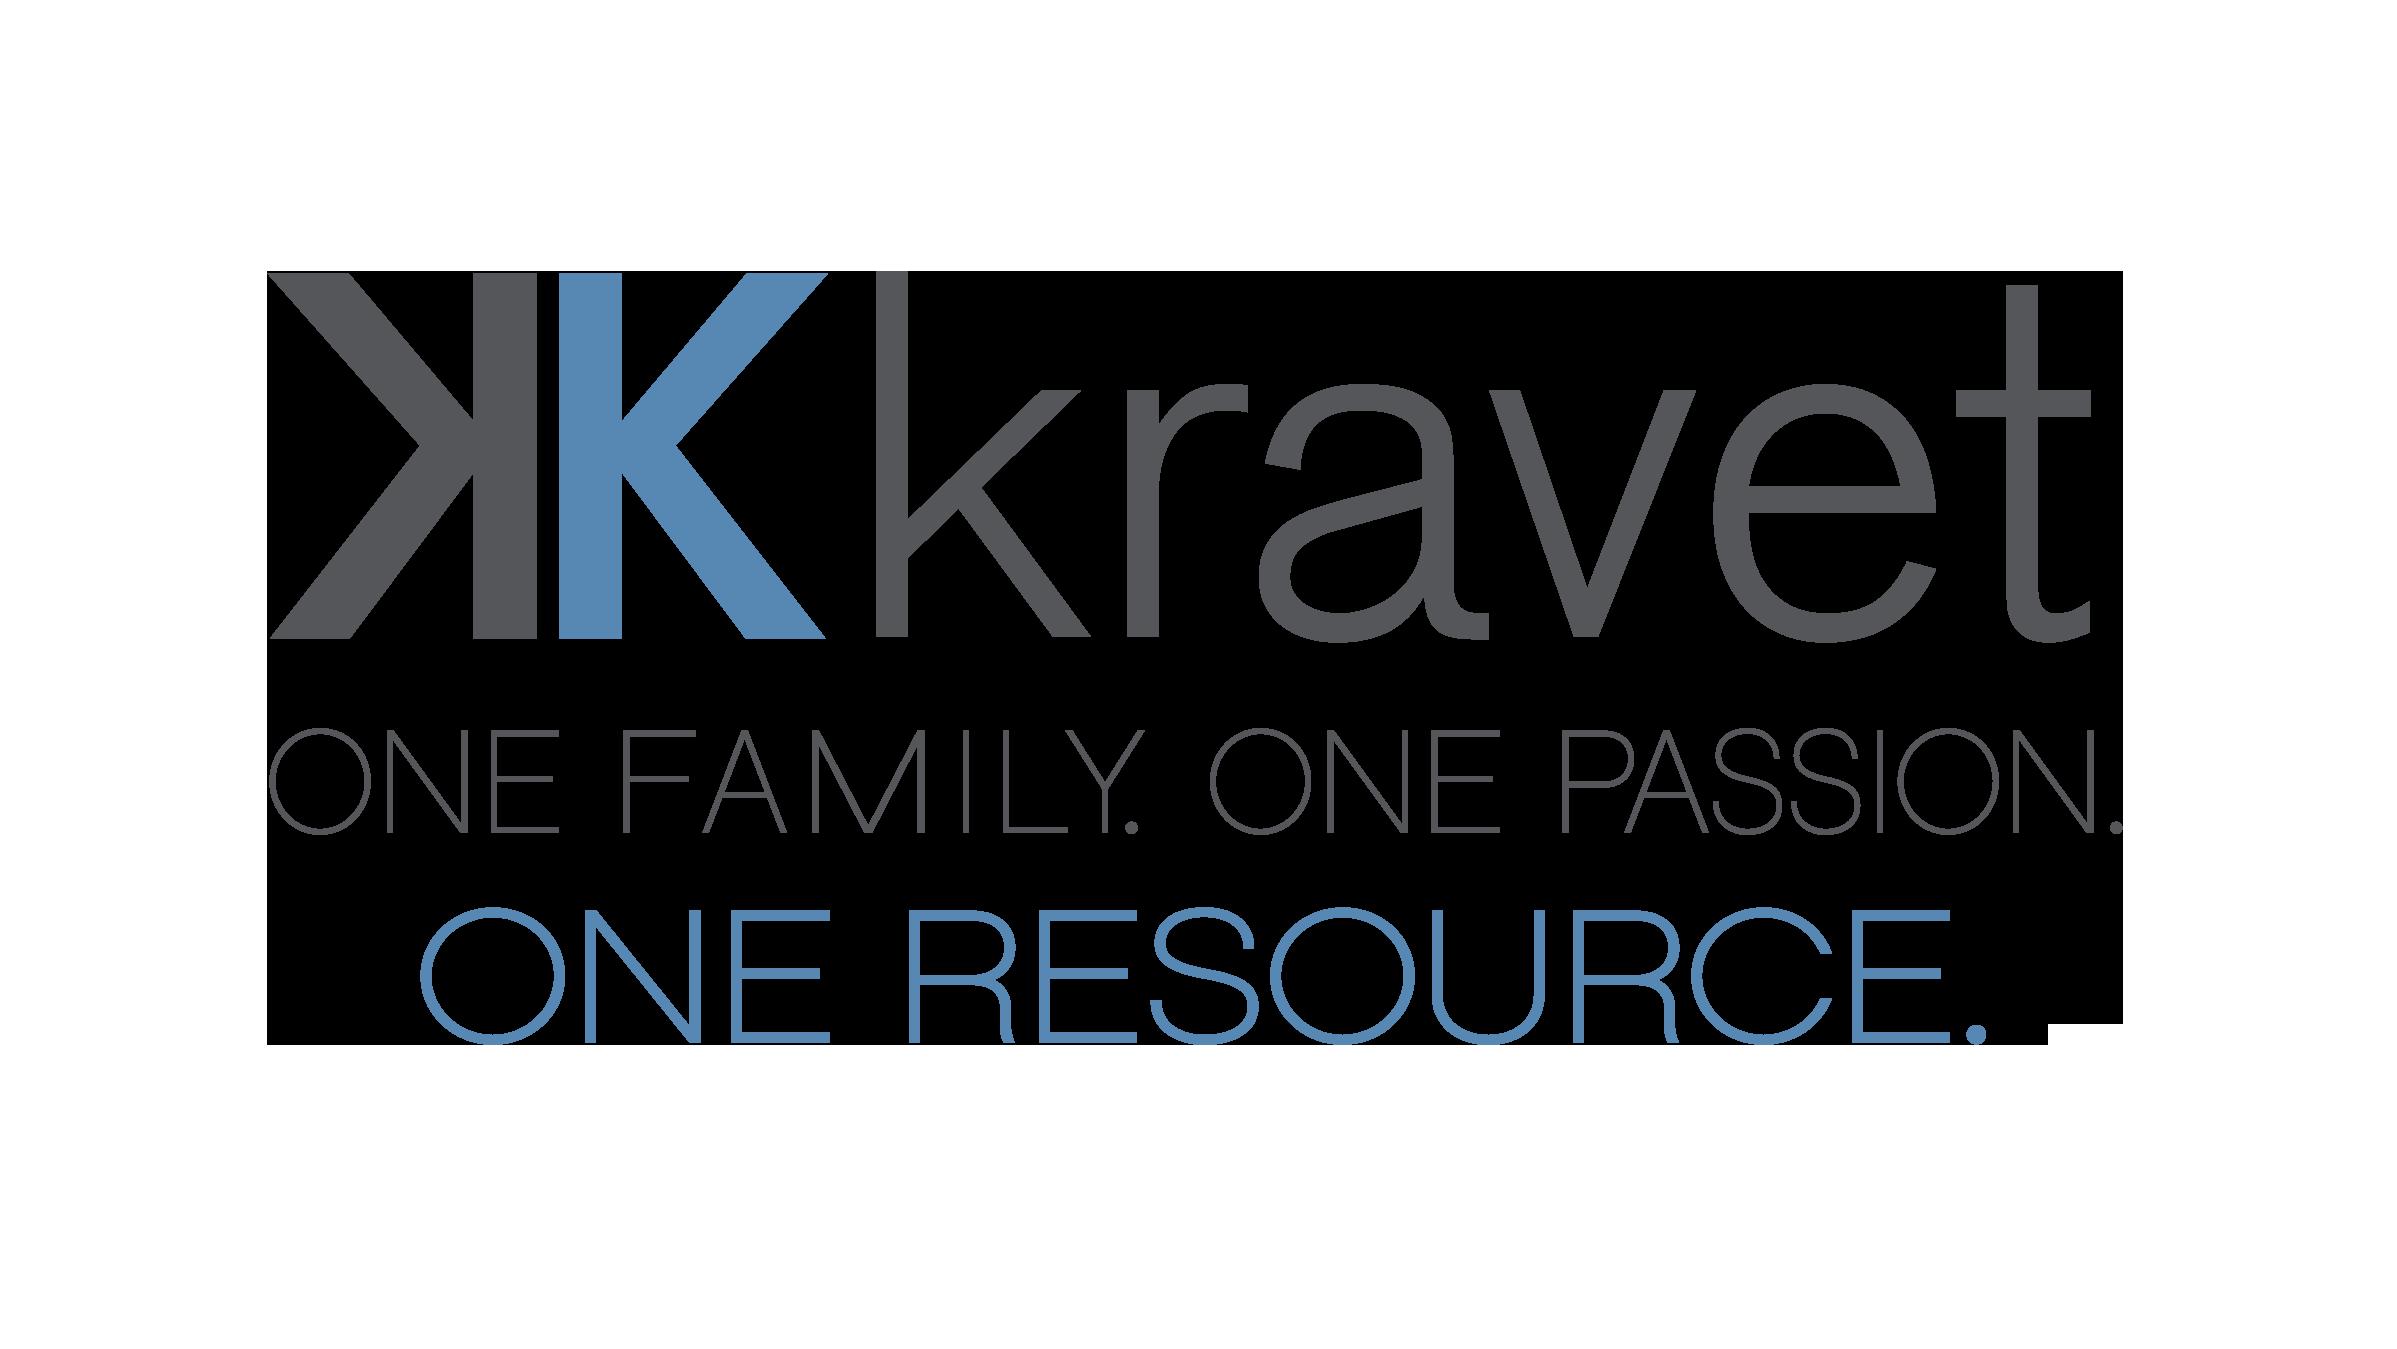 Kravet fabrics logo, 2021 Flower magazine showhouse sponsor